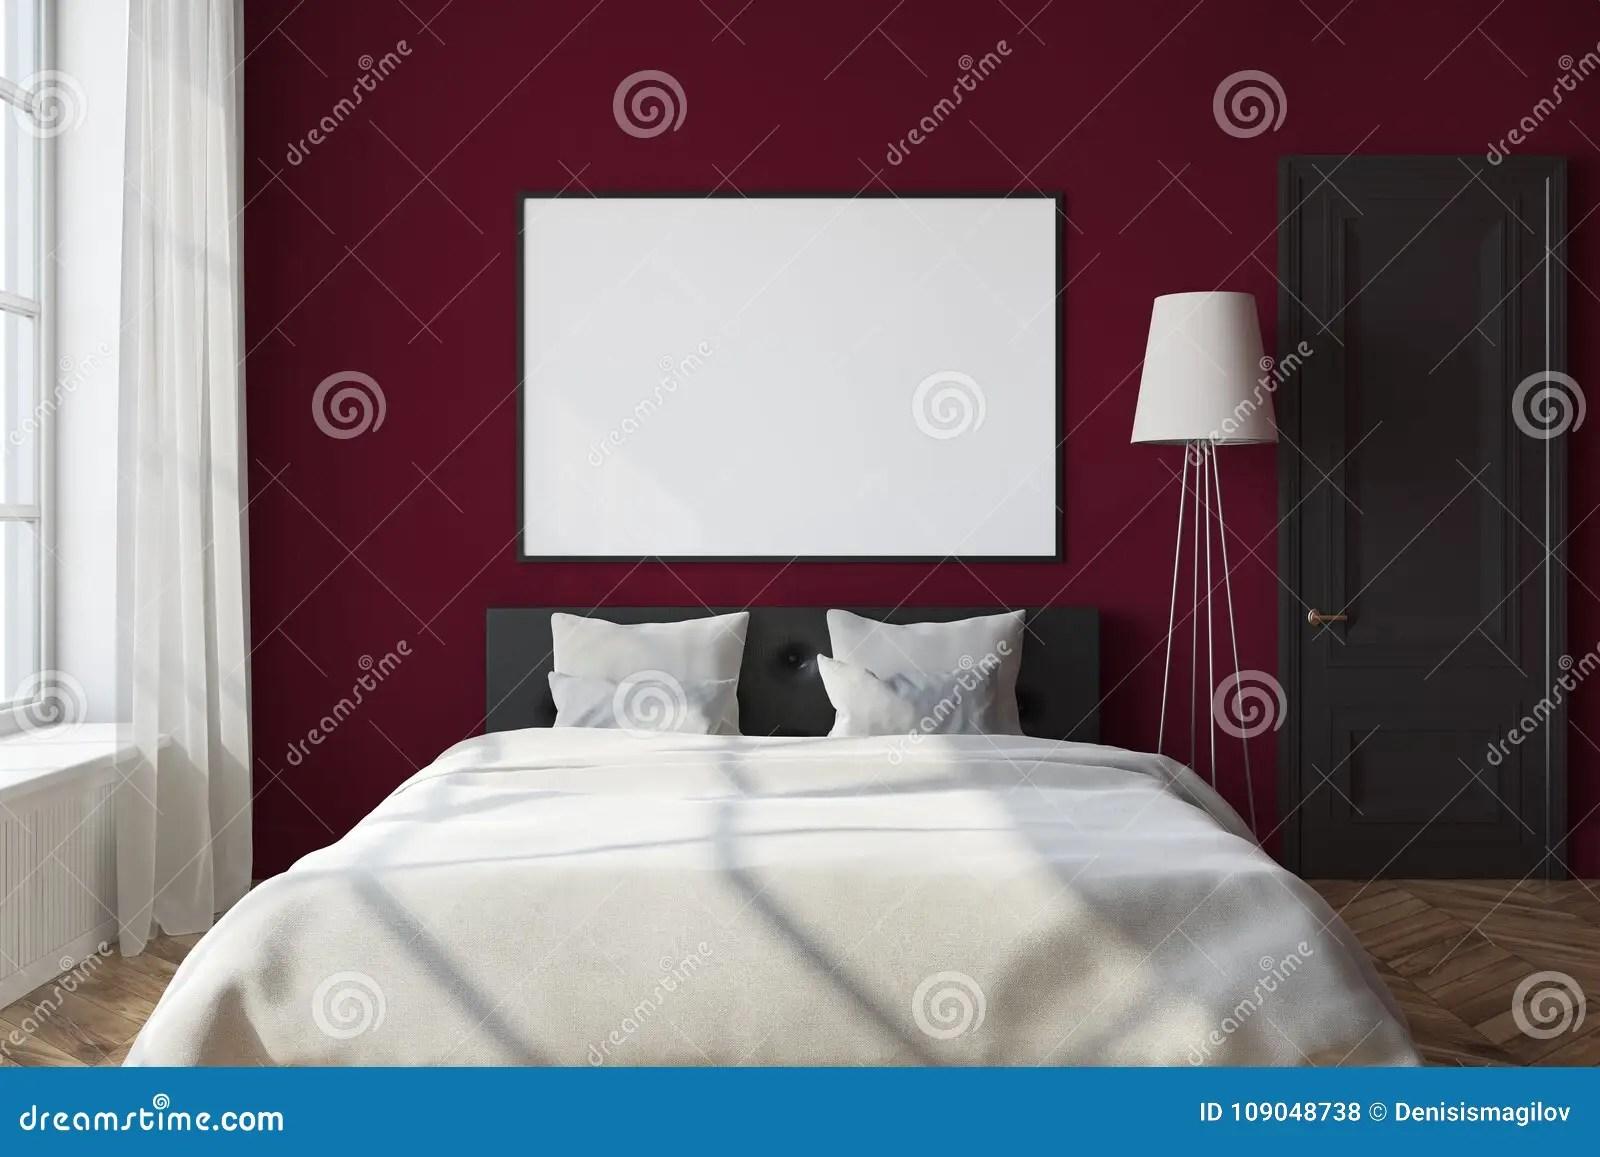 red bedroom interior framed